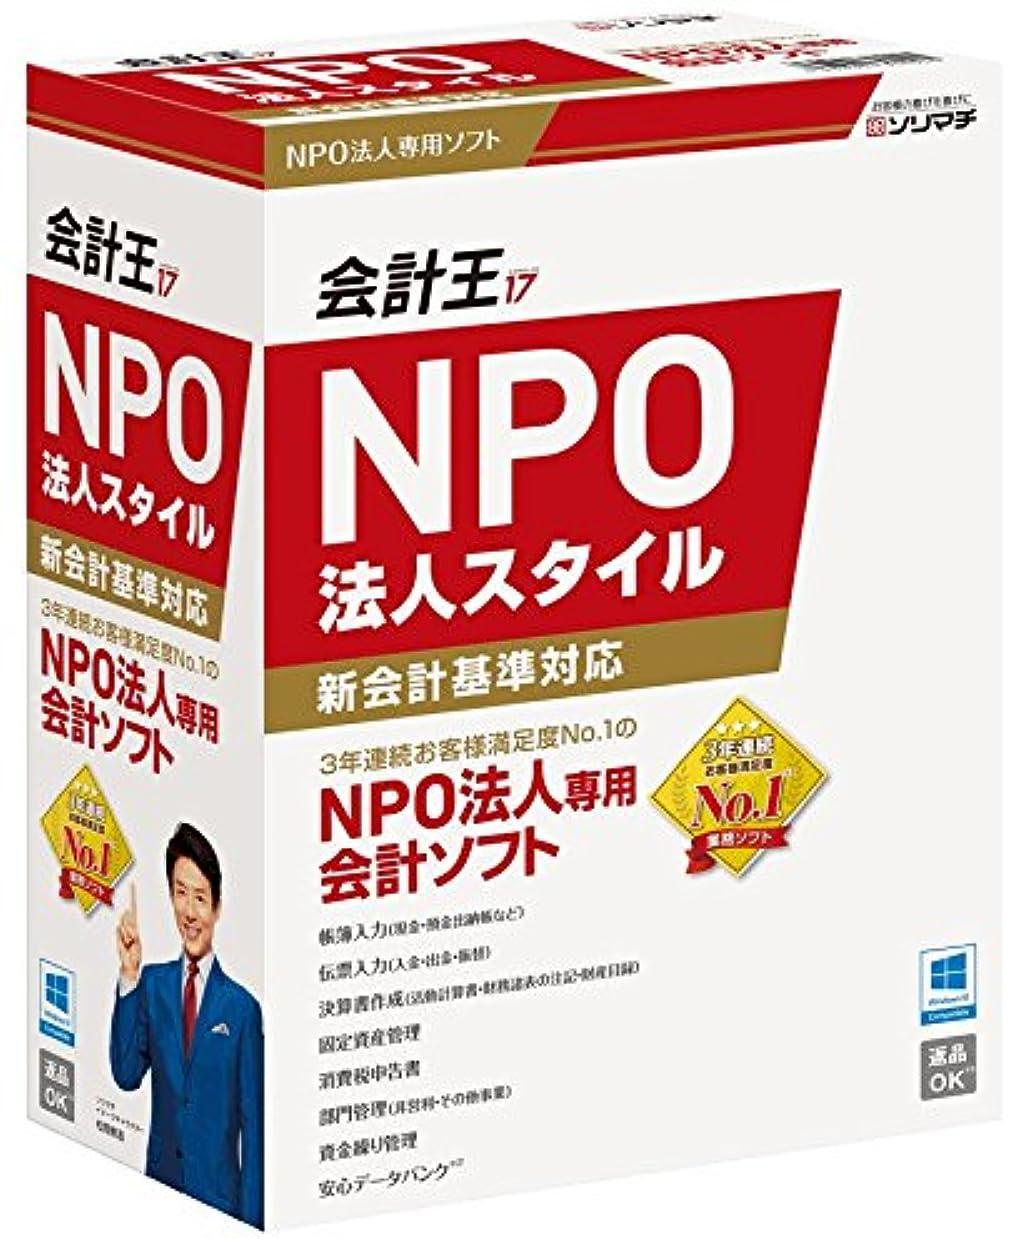 動変更ゲーム会計王17 NPO法人スタイル 新消費税対応版